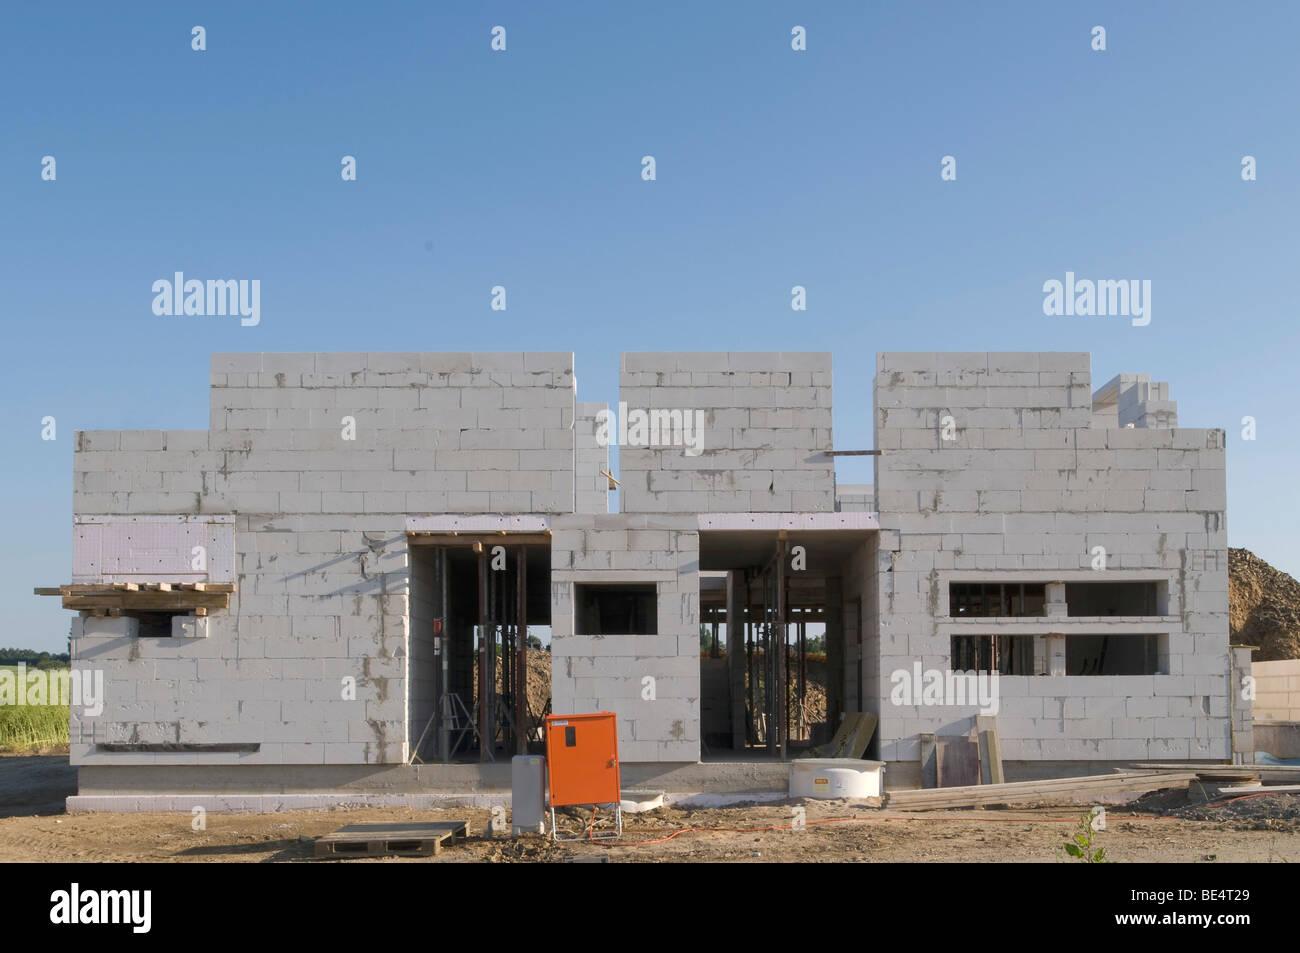 Costruzione a guscio, sito in costruzione edificio residenziale con pilastri di sostegno per il primo piano la soletta Immagini Stock